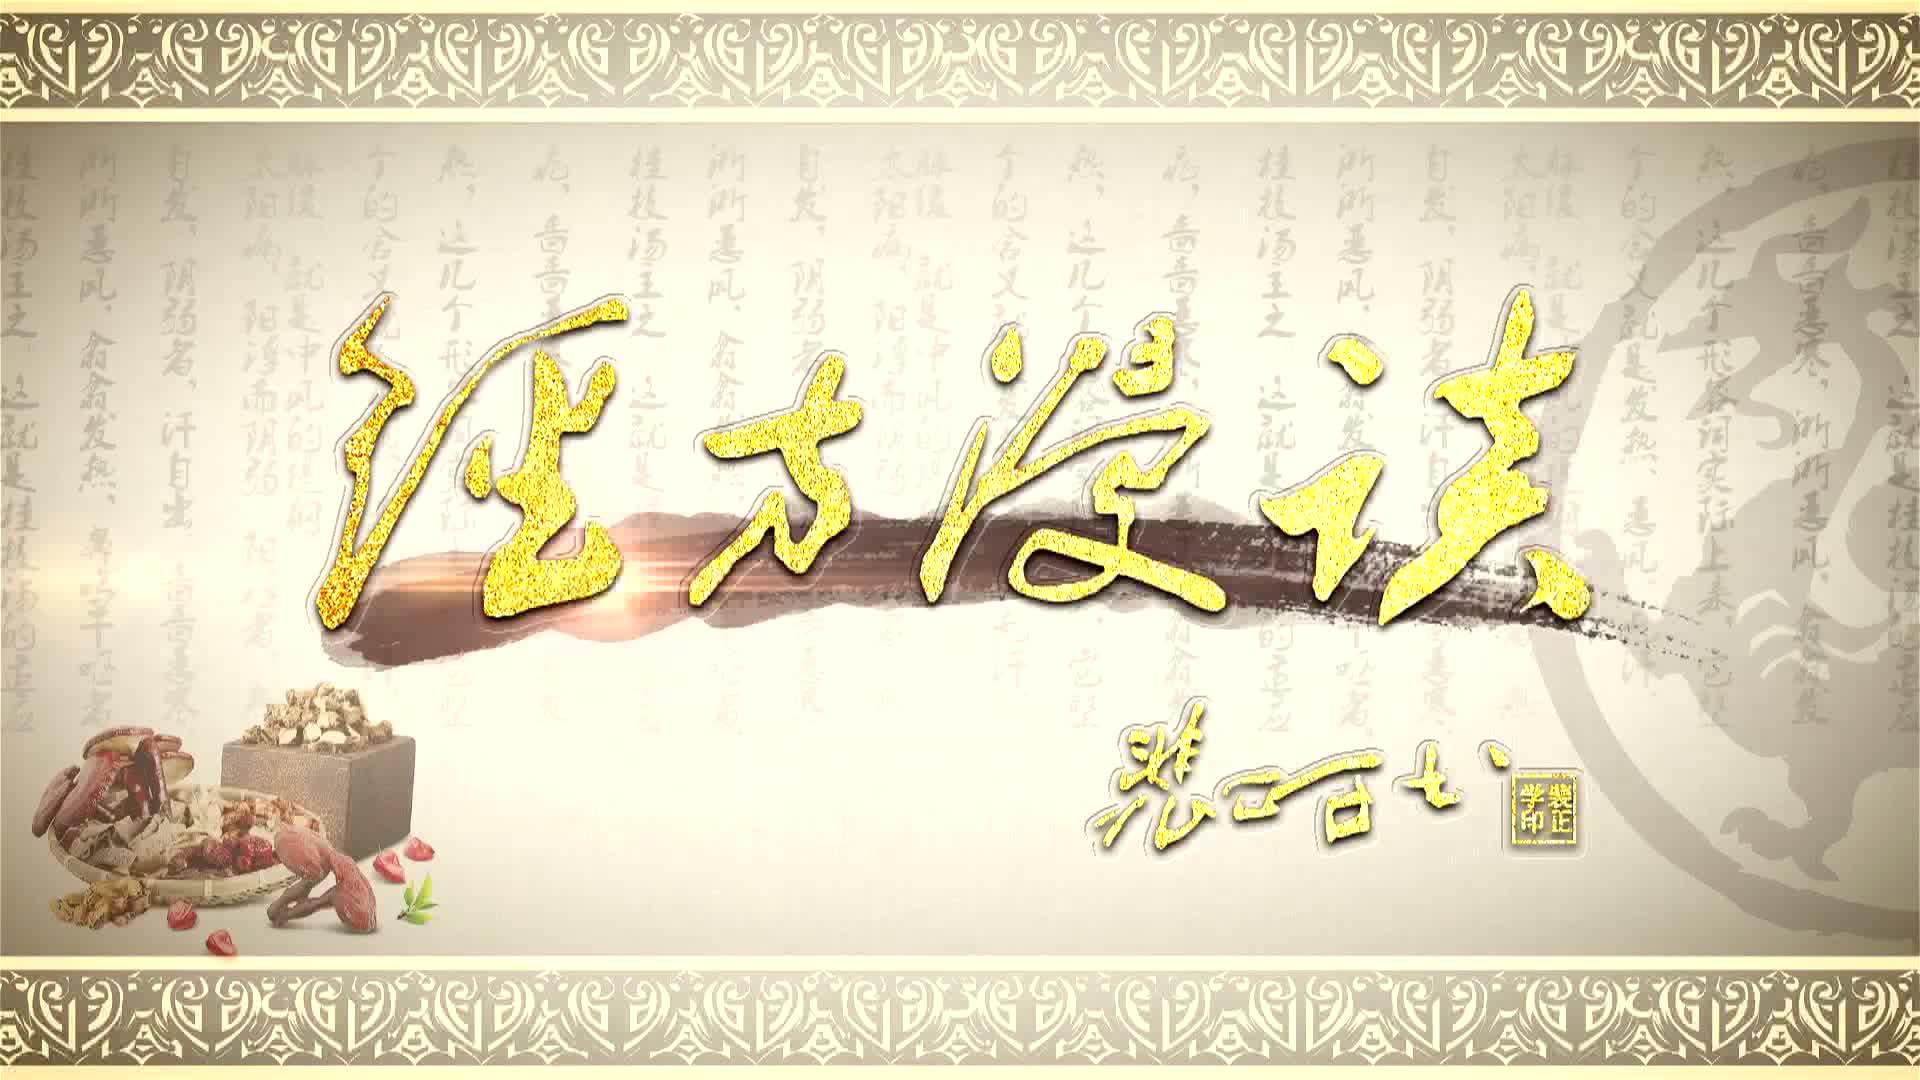 第七集丨国家级名老中医裴正学《经方漫谈》